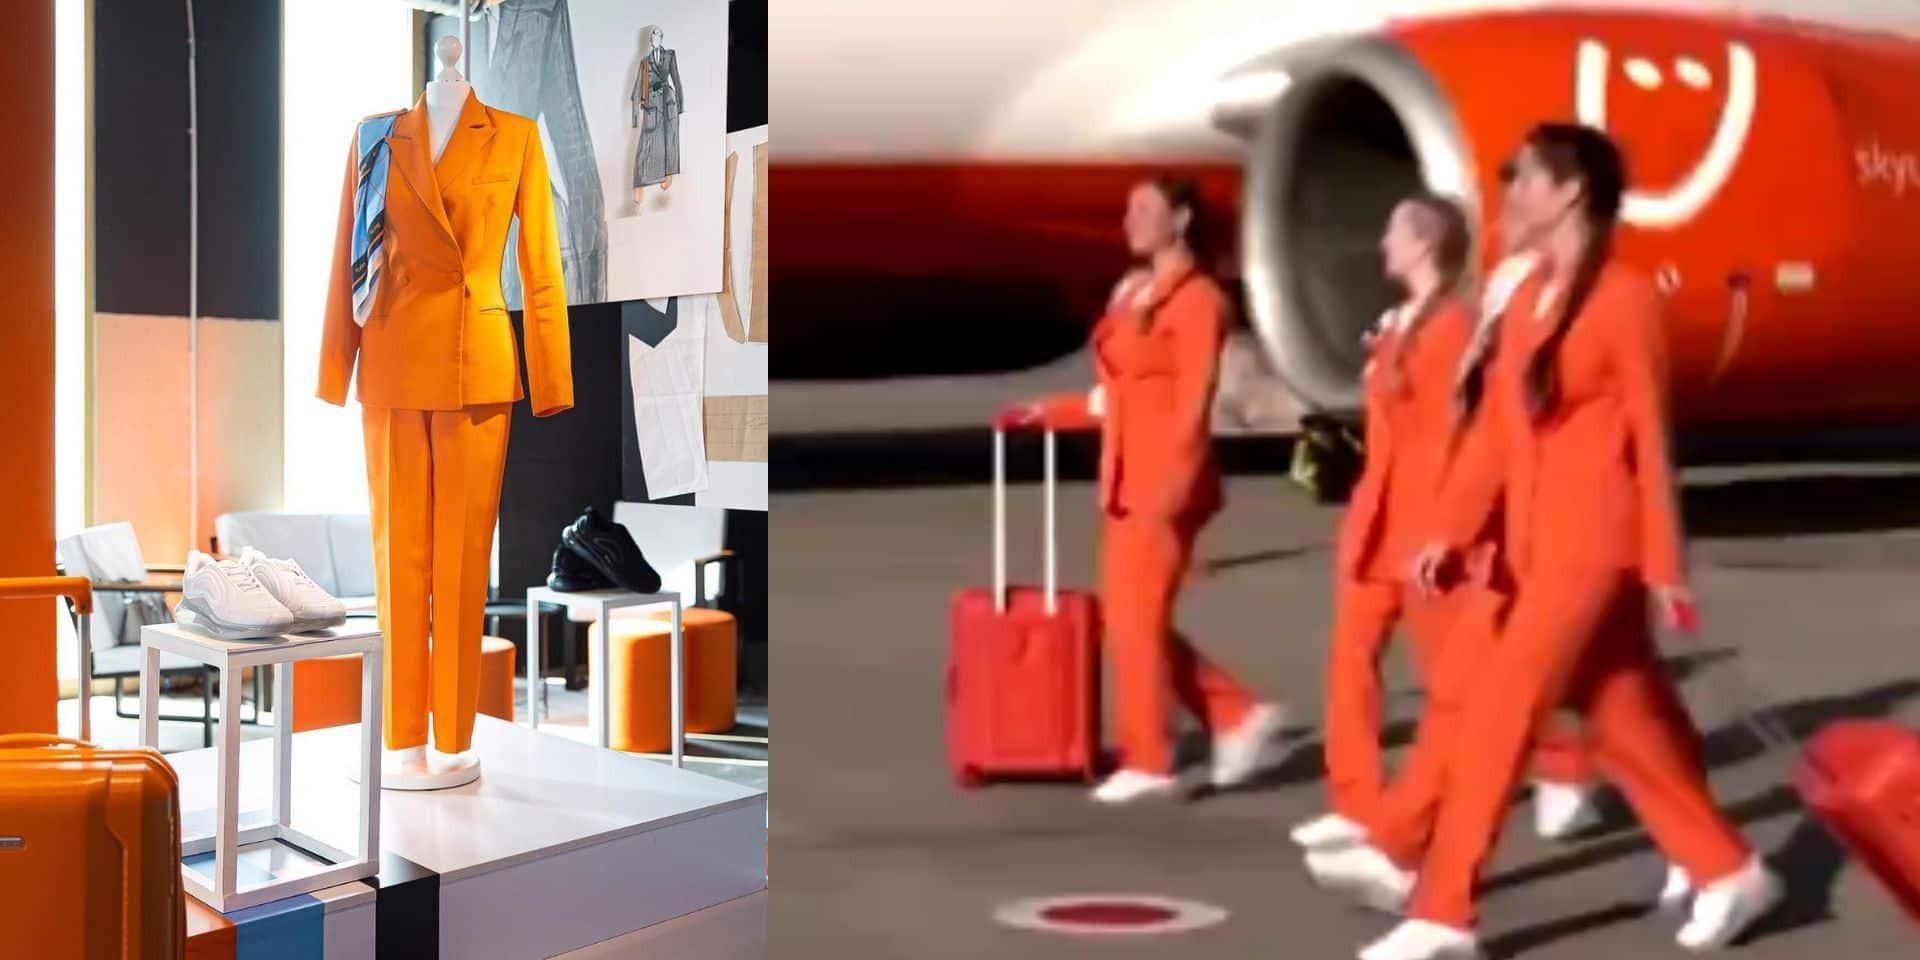 Plus de jupe et de talons: une compagnie aérienne remplace l'uniforme de ses hôtesses par un pantalon et des baskets